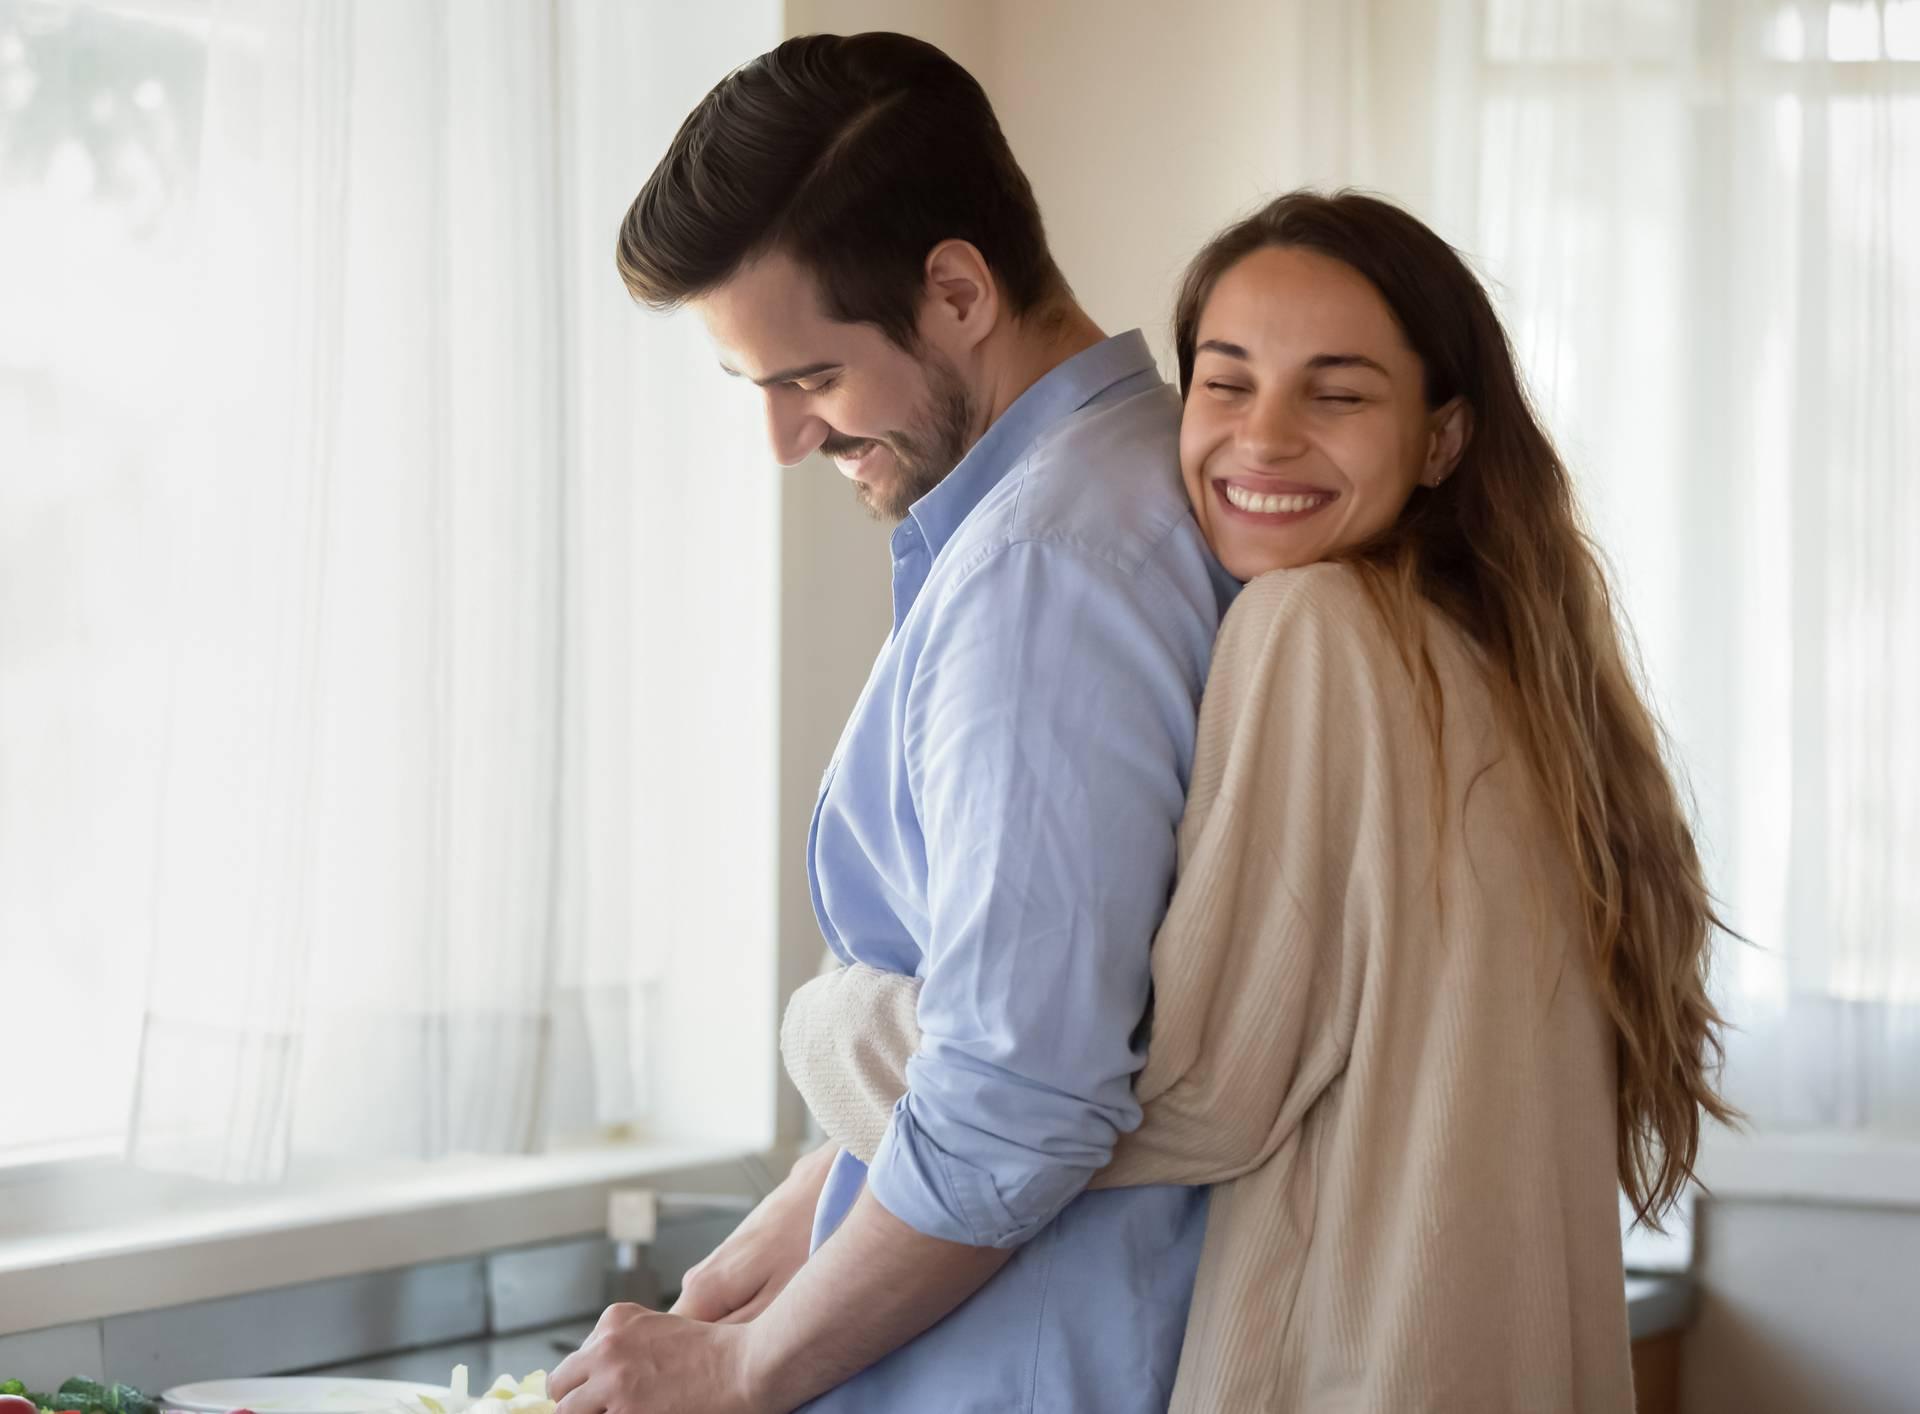 Ovih šest rečenica u vezi je važnije izgovarati od 'volim te'